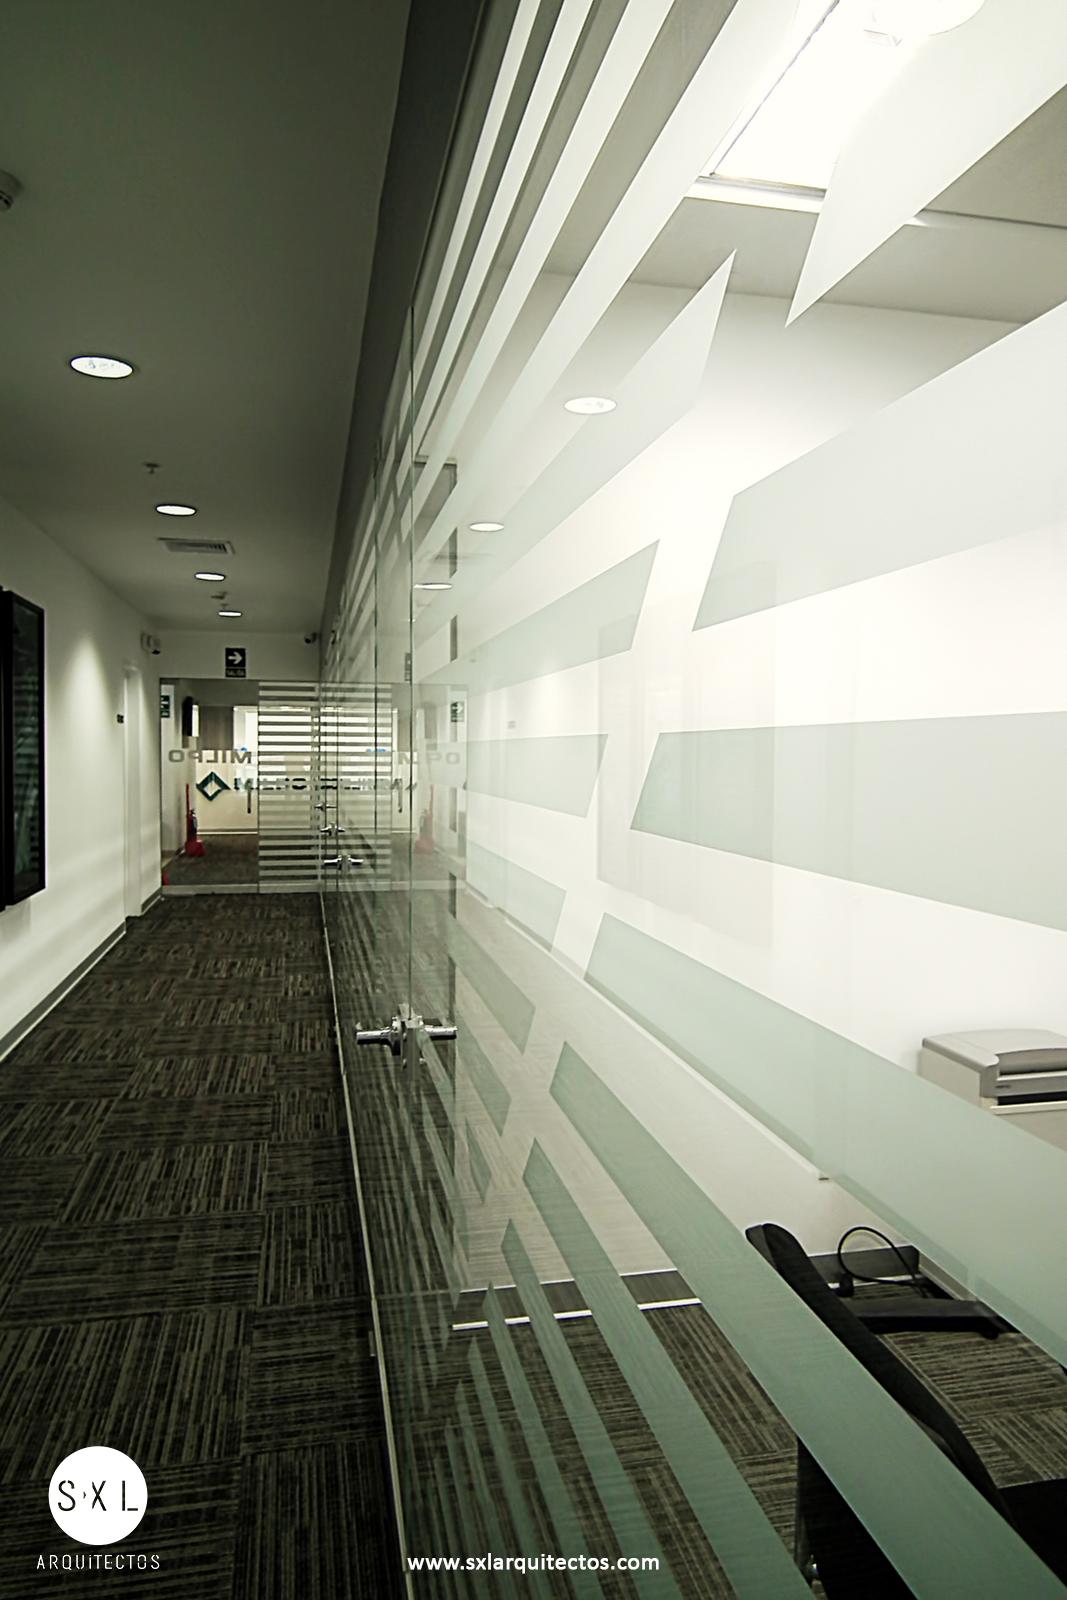 Dise o de oficinas milpo lima per s xl arquitectos - Diseno de oficinas ...